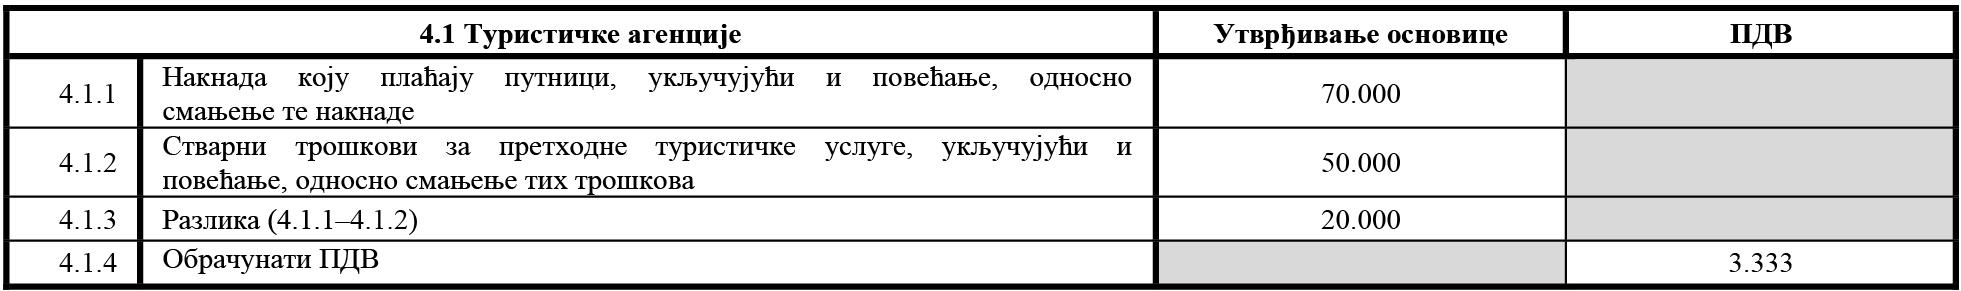 uputstvo PU obrazac POPDV primer 77